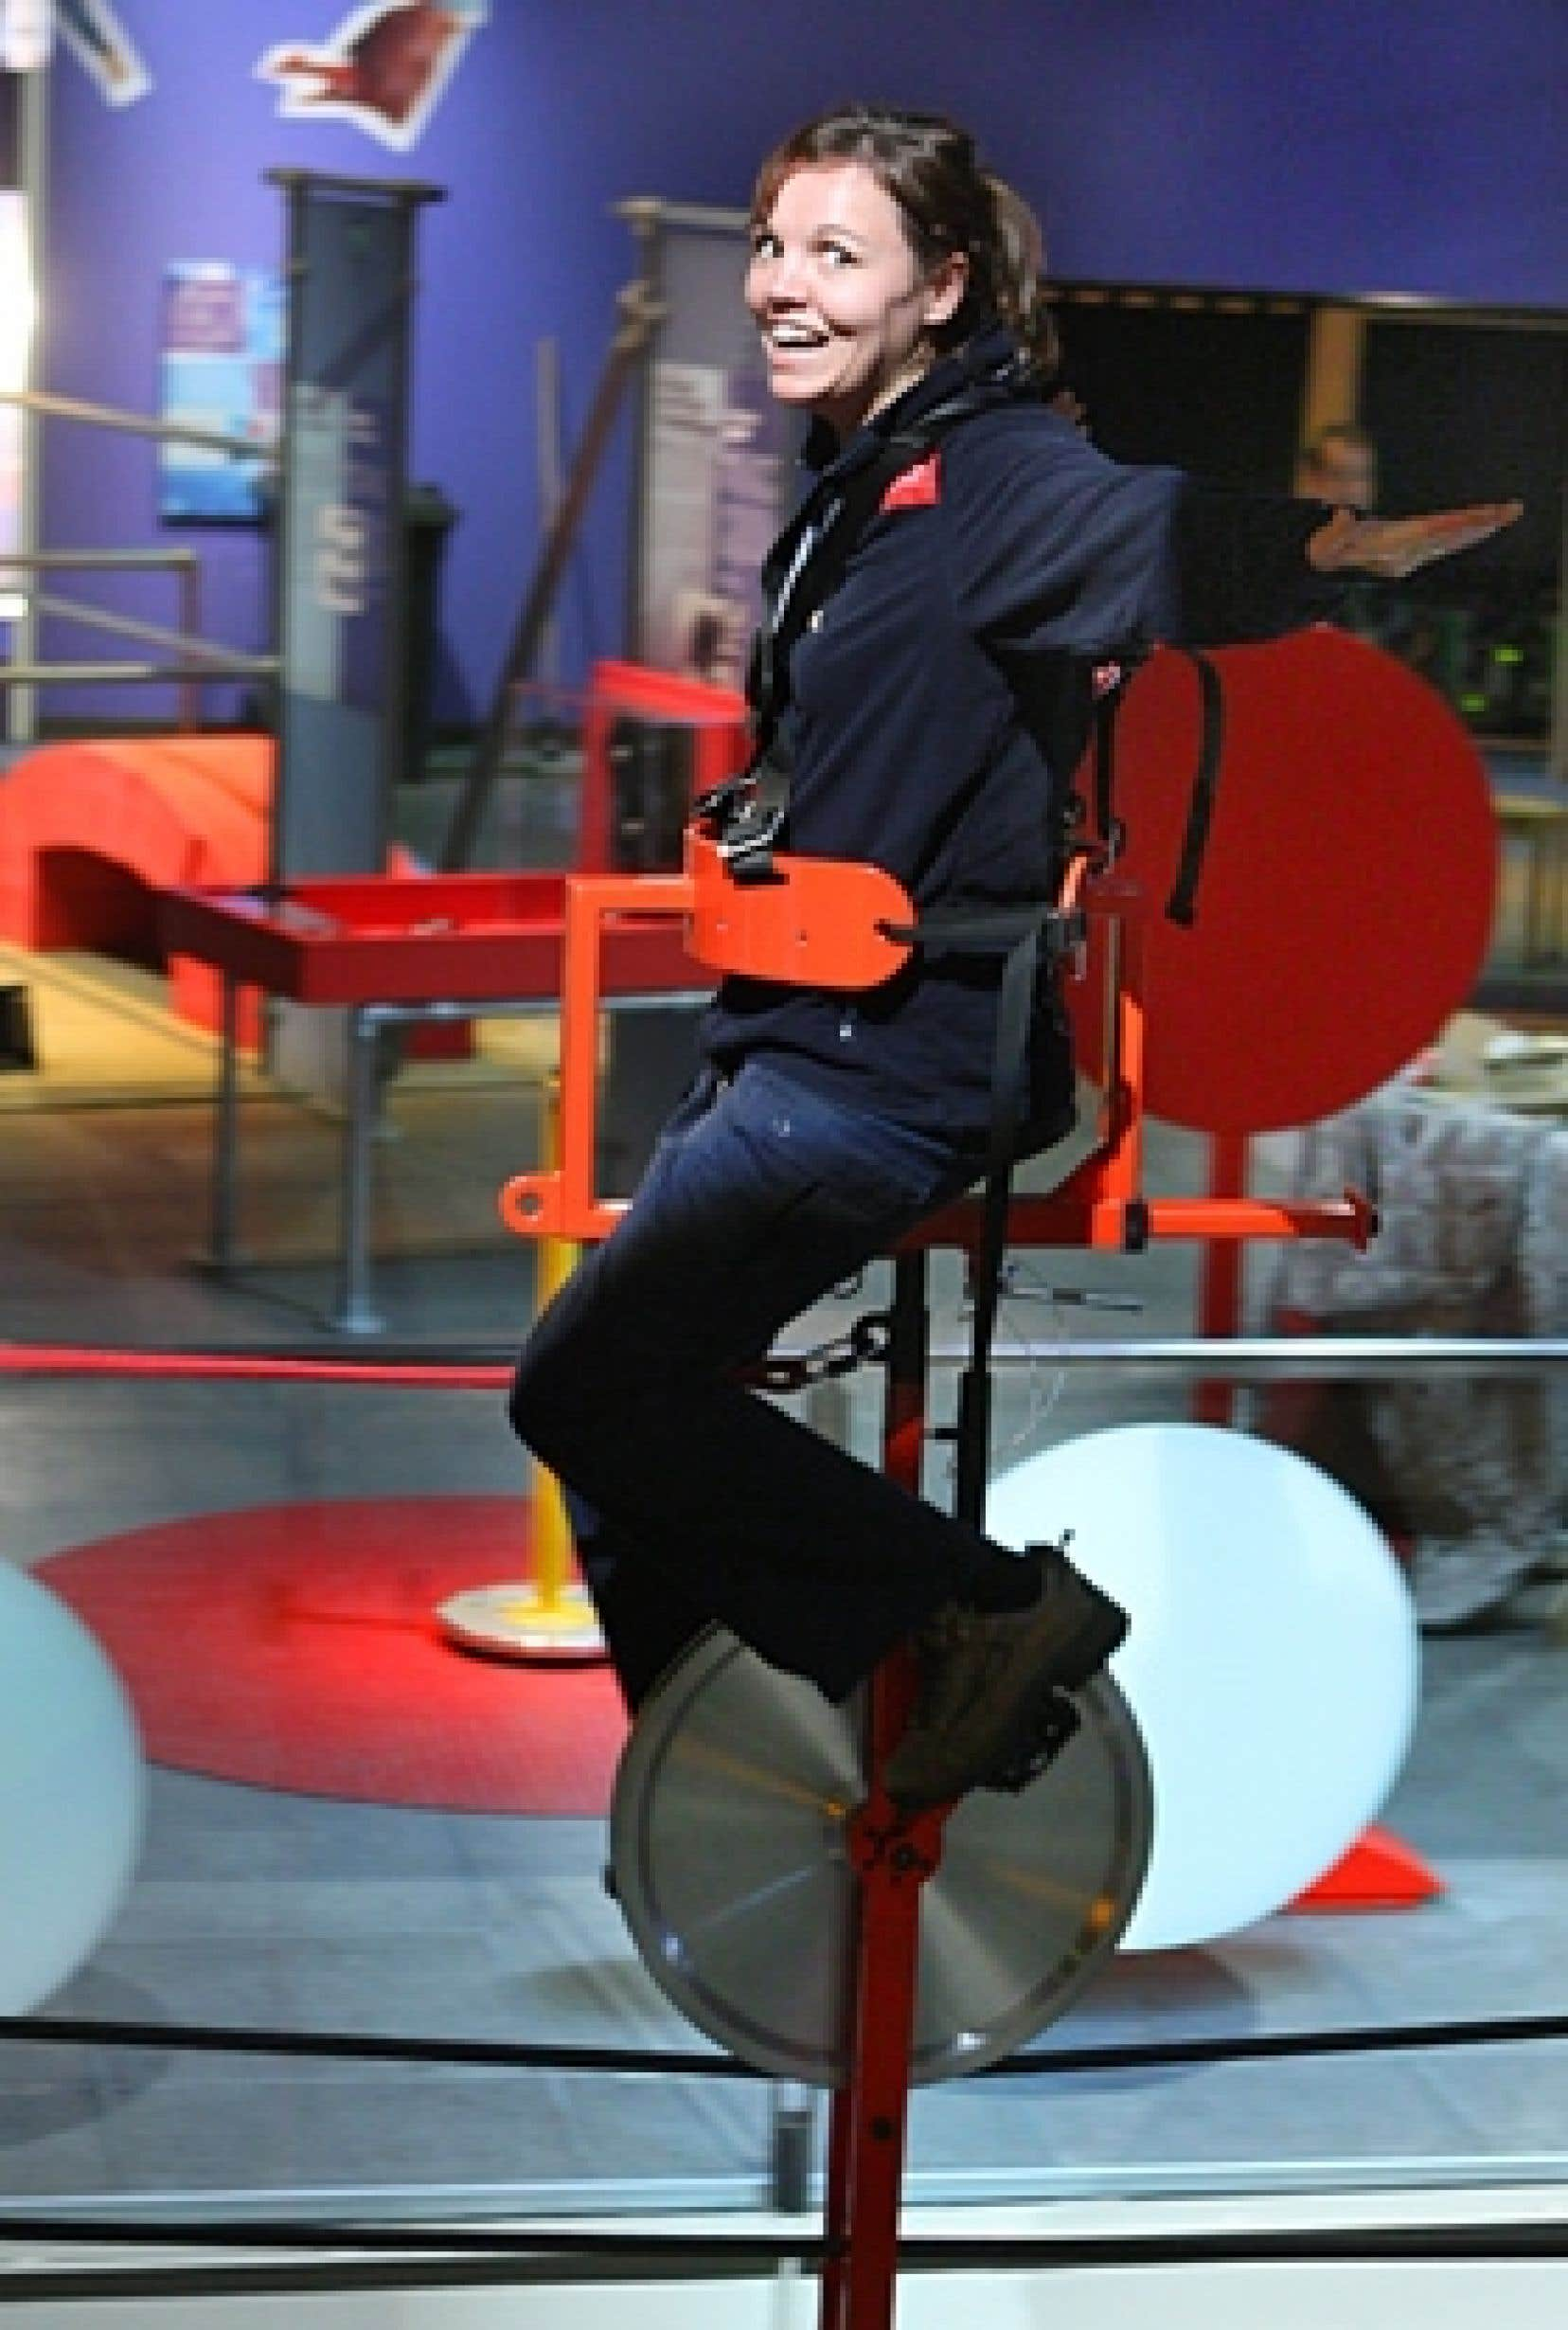 June, une animatrice du Centre des sciences de Montréal, roule en équilibre sur un fil de fer tendu à sept mètres du sol, grâce à un poids de 200 kilos situé sous le monocycle.